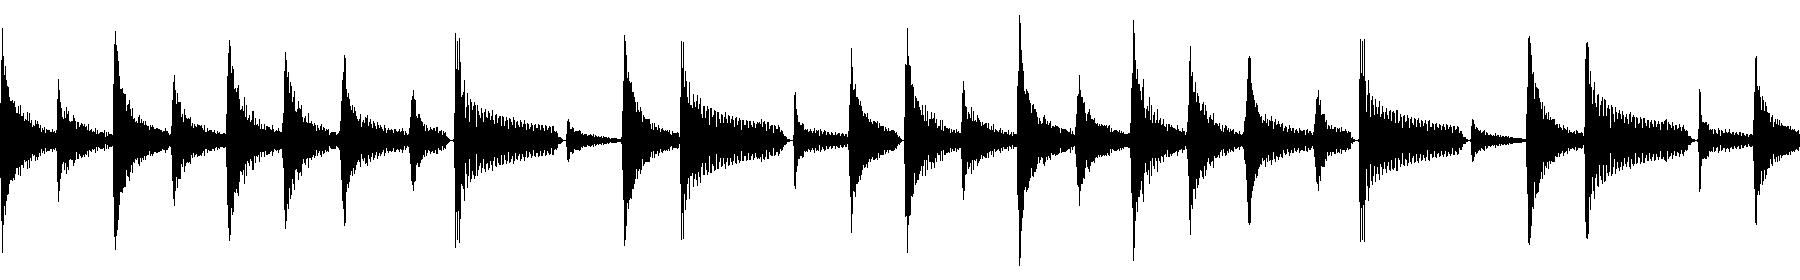 ehp percloop 130 08